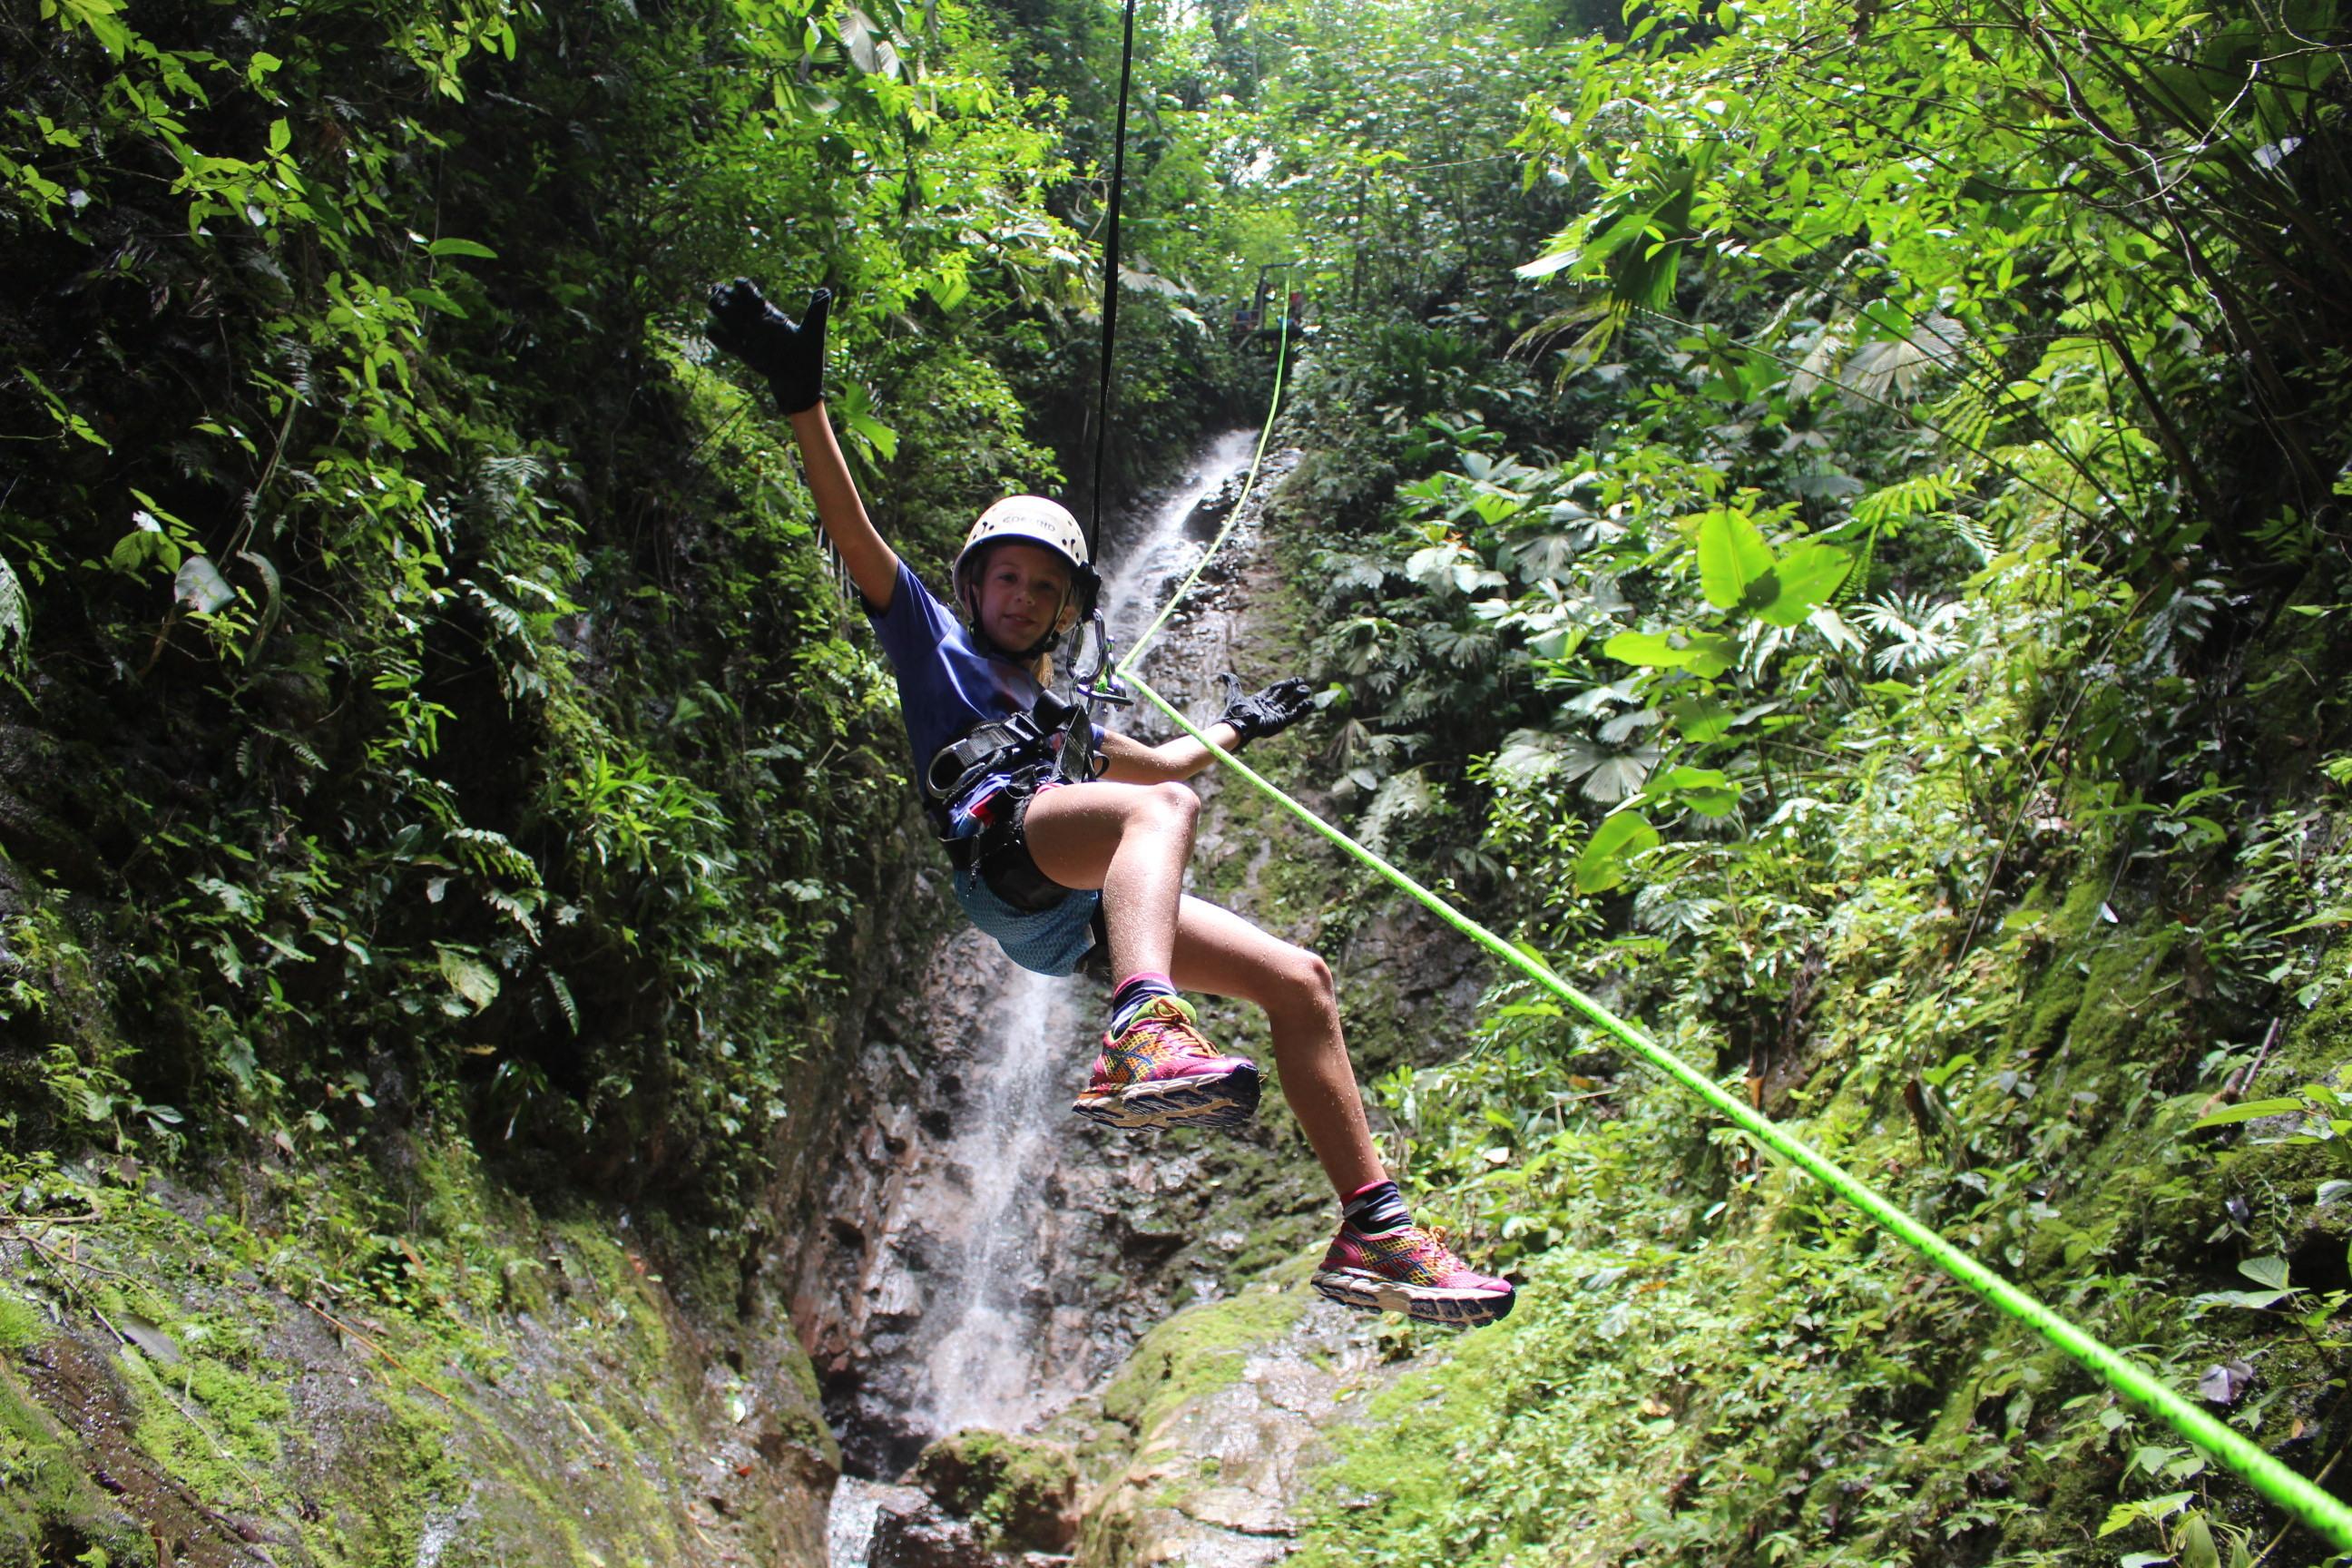 Canyoning at La Foruna